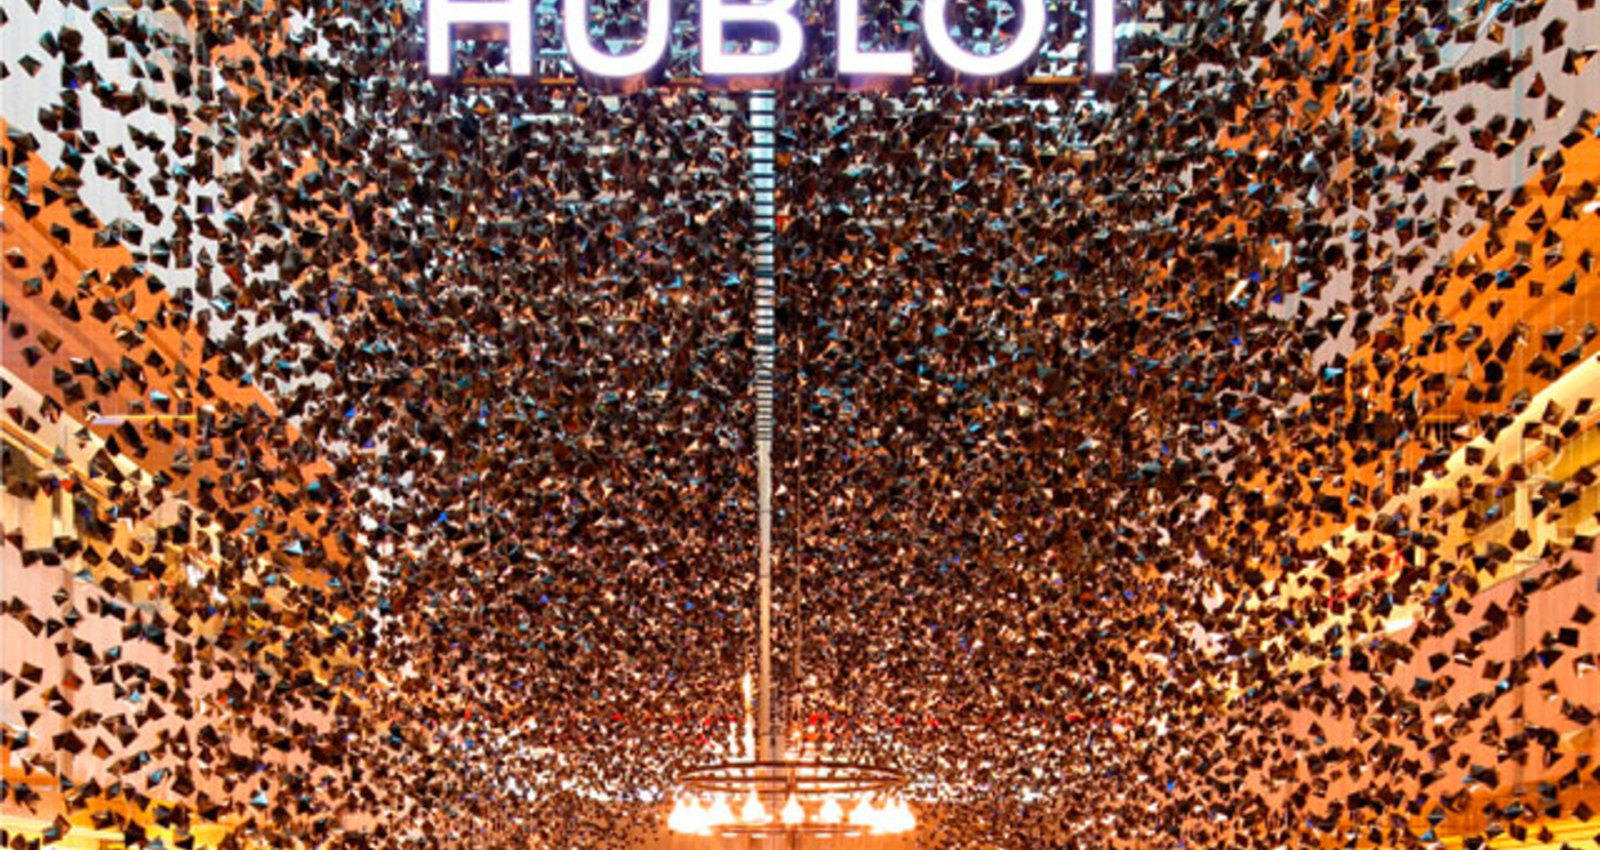 Hublot Pop-Up Store